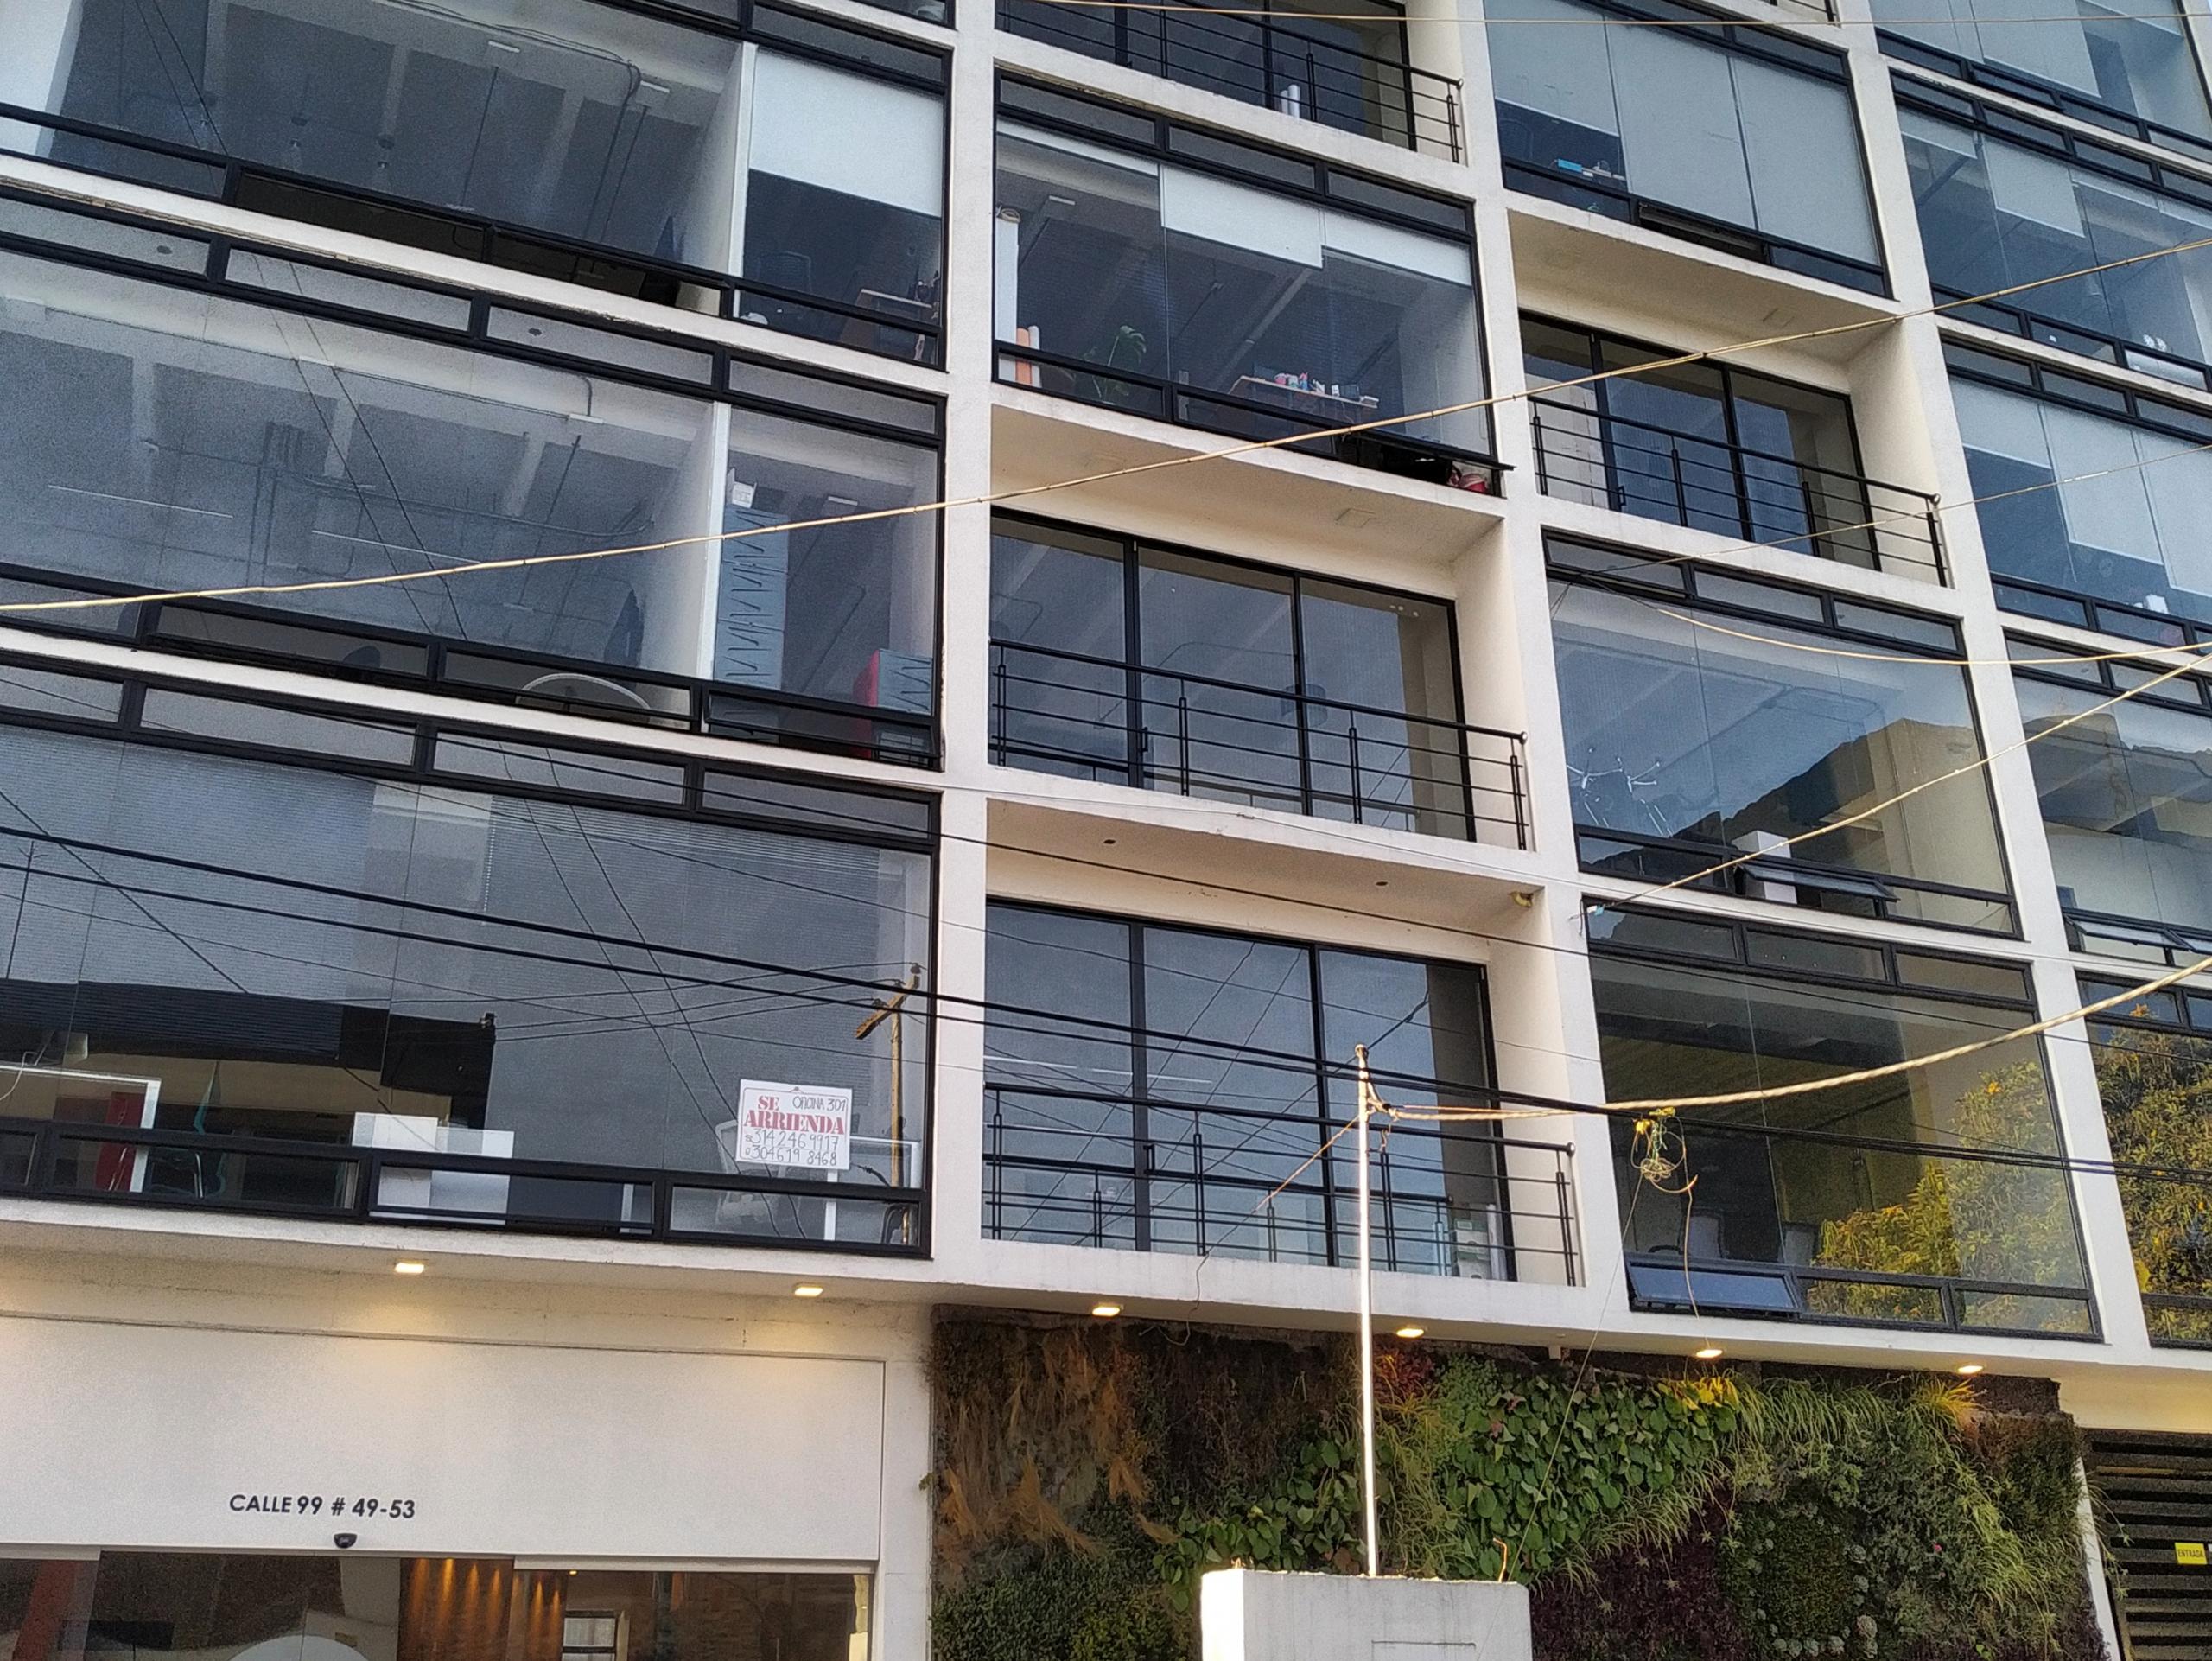 ventaneria para edificios - gluckmond